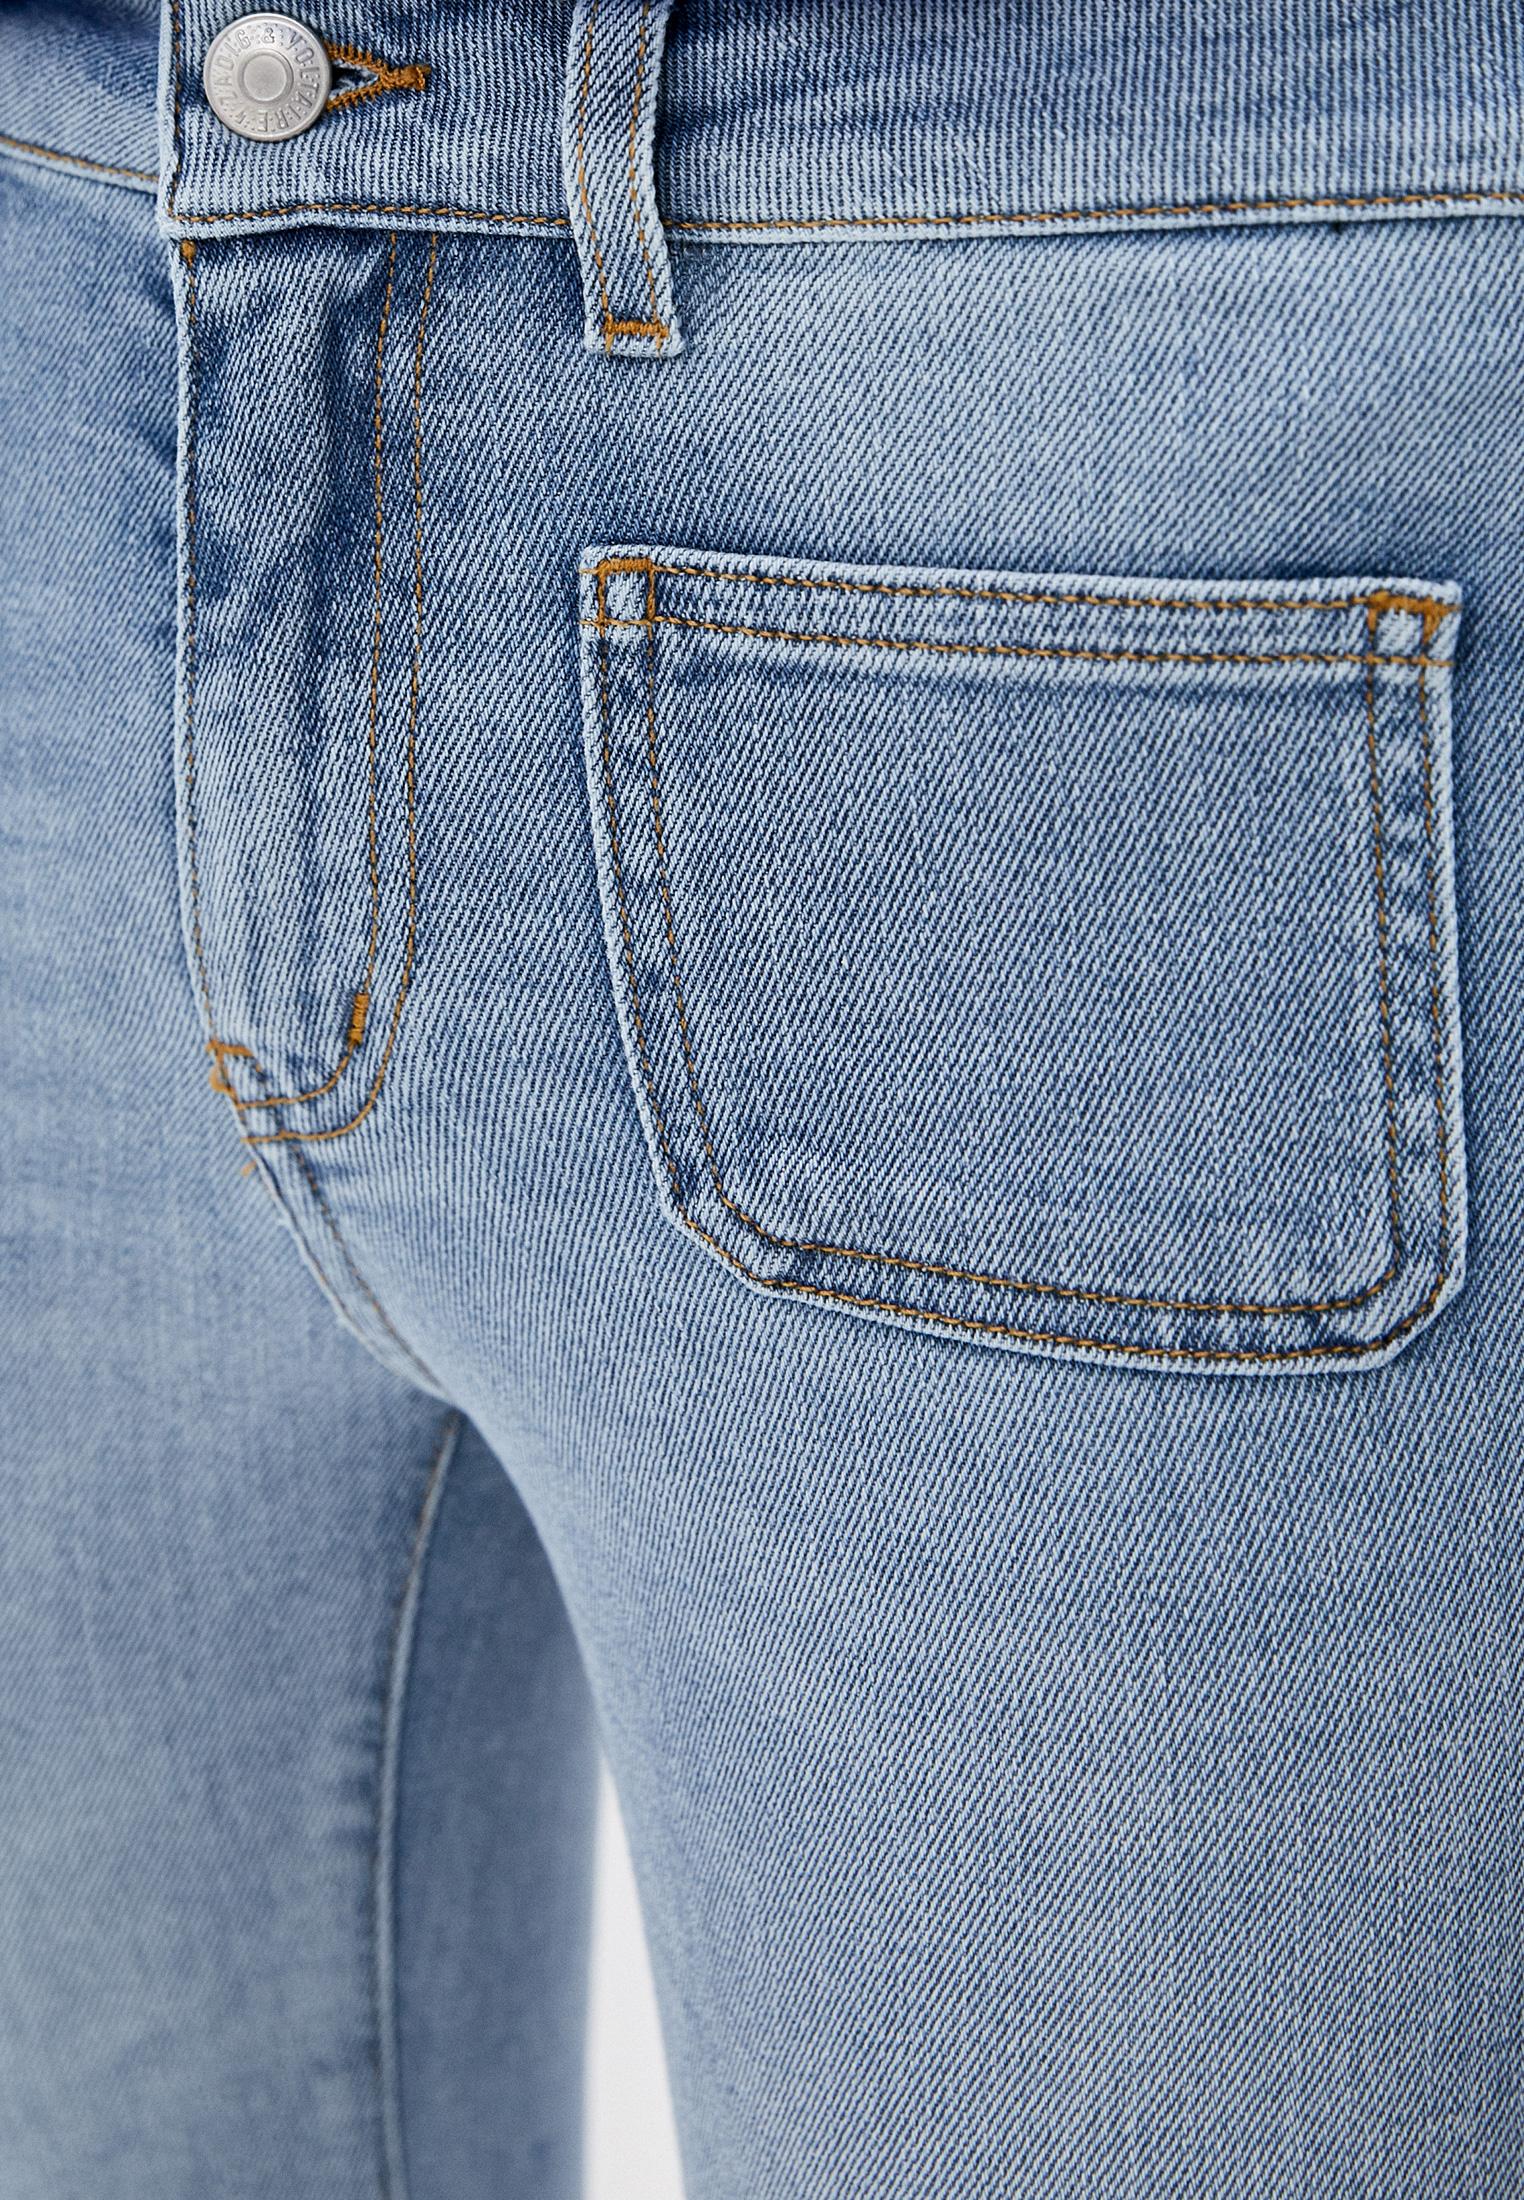 Зауженные джинсы Zadig&Voltaire SJCA3001F: изображение 6